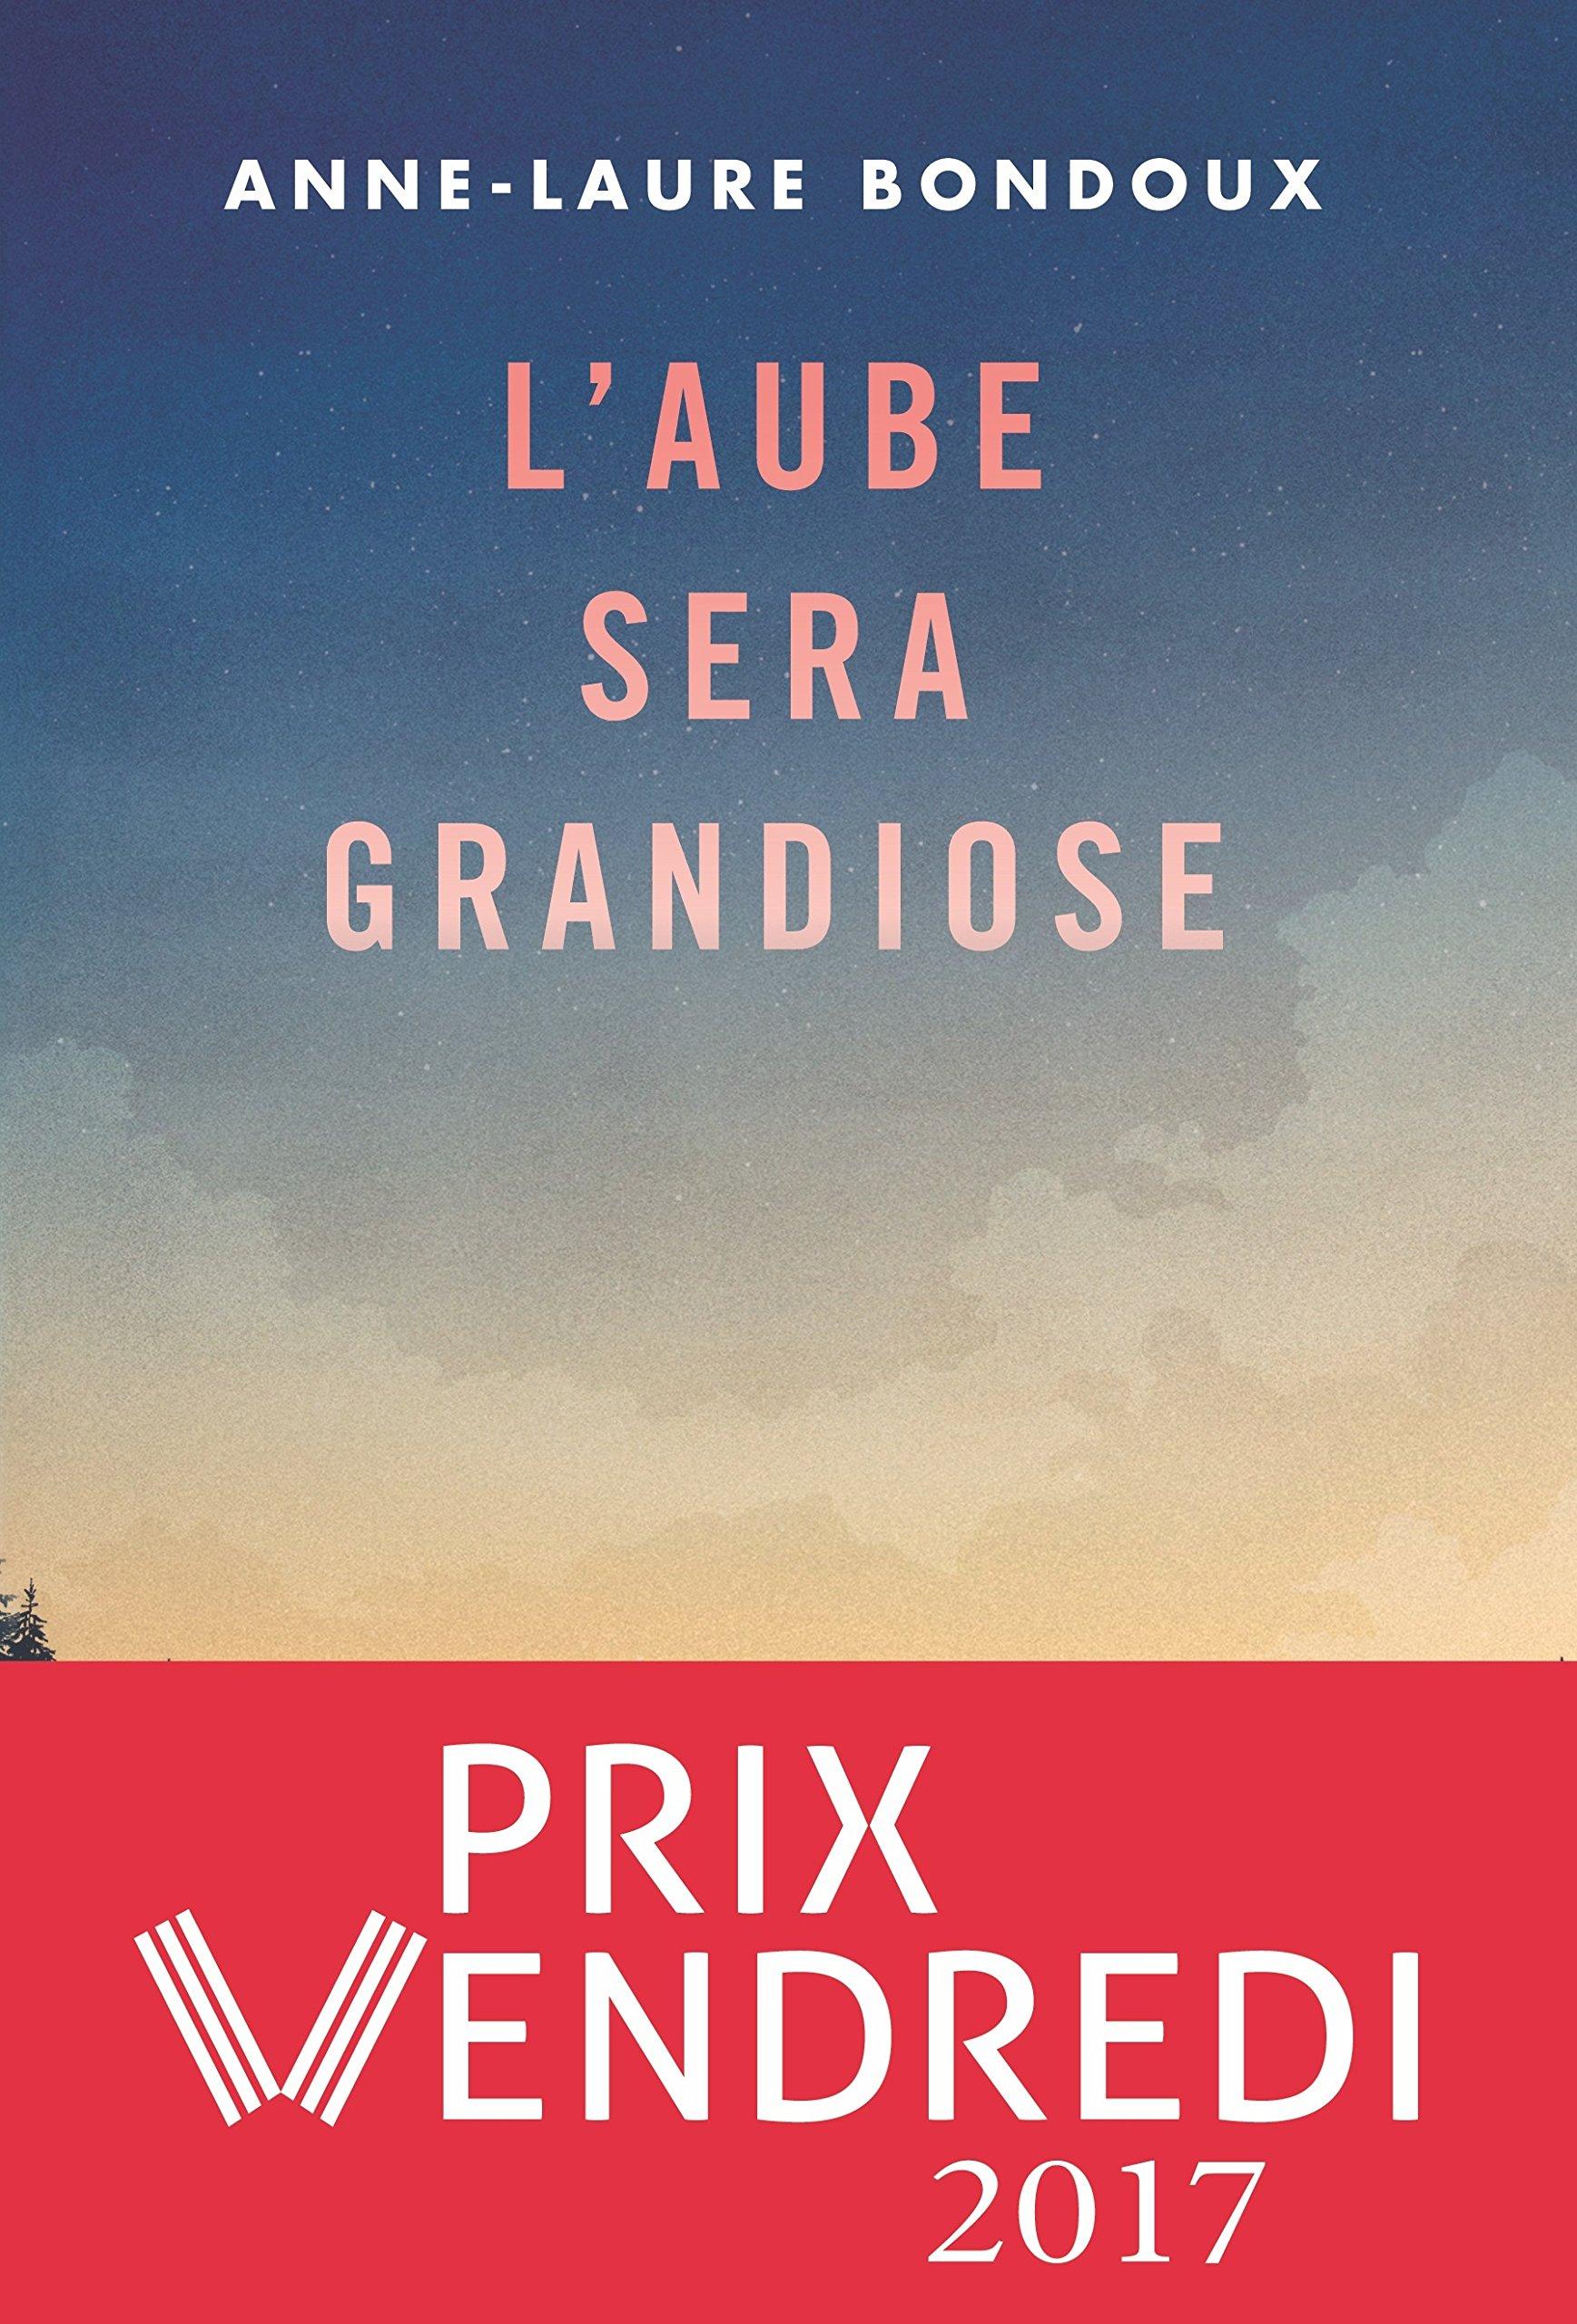 l'aube sera grandiose de Anne Laure Bondoux